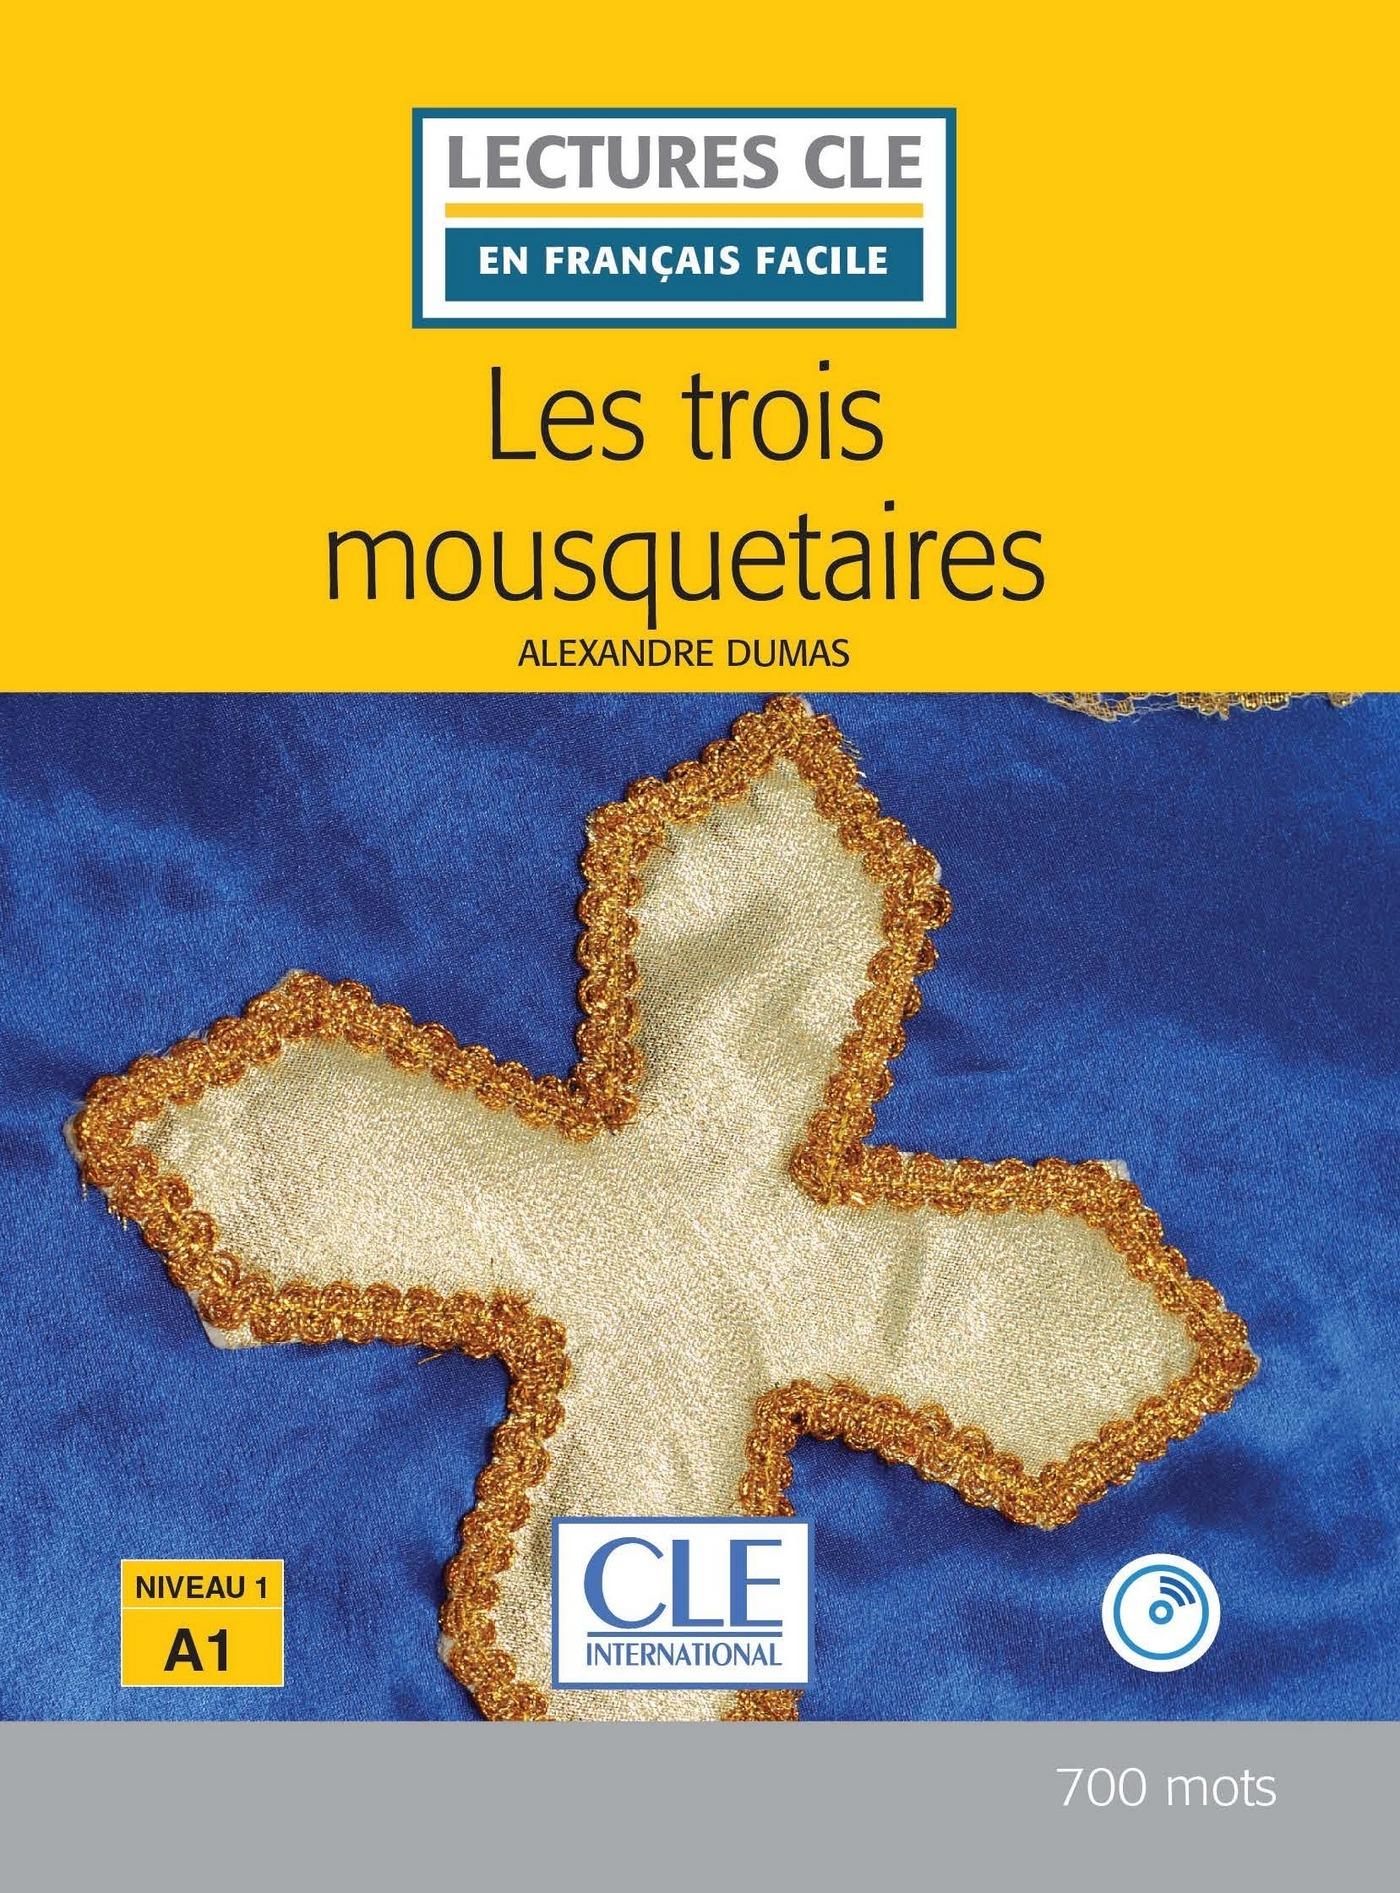 Les trois mousquetaires - Niveau 1/A1 - Lectures CLE en Français facile - Ebook